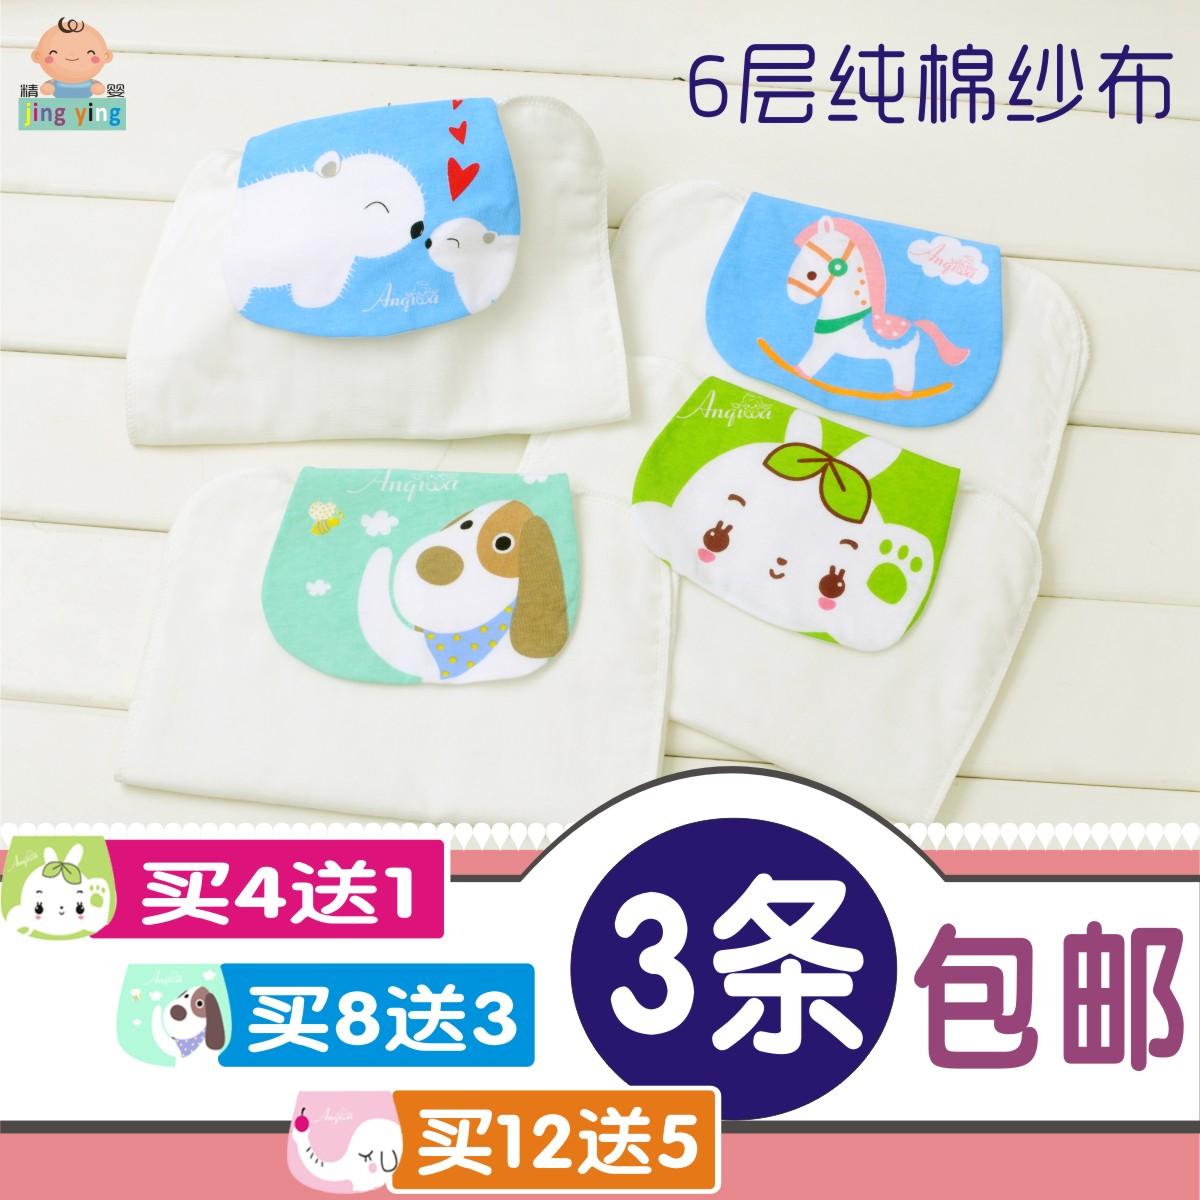 冲钻宝宝儿童纯棉特加超大号6层垫背口水吸汗隔汗巾0-3 4-68-10岁